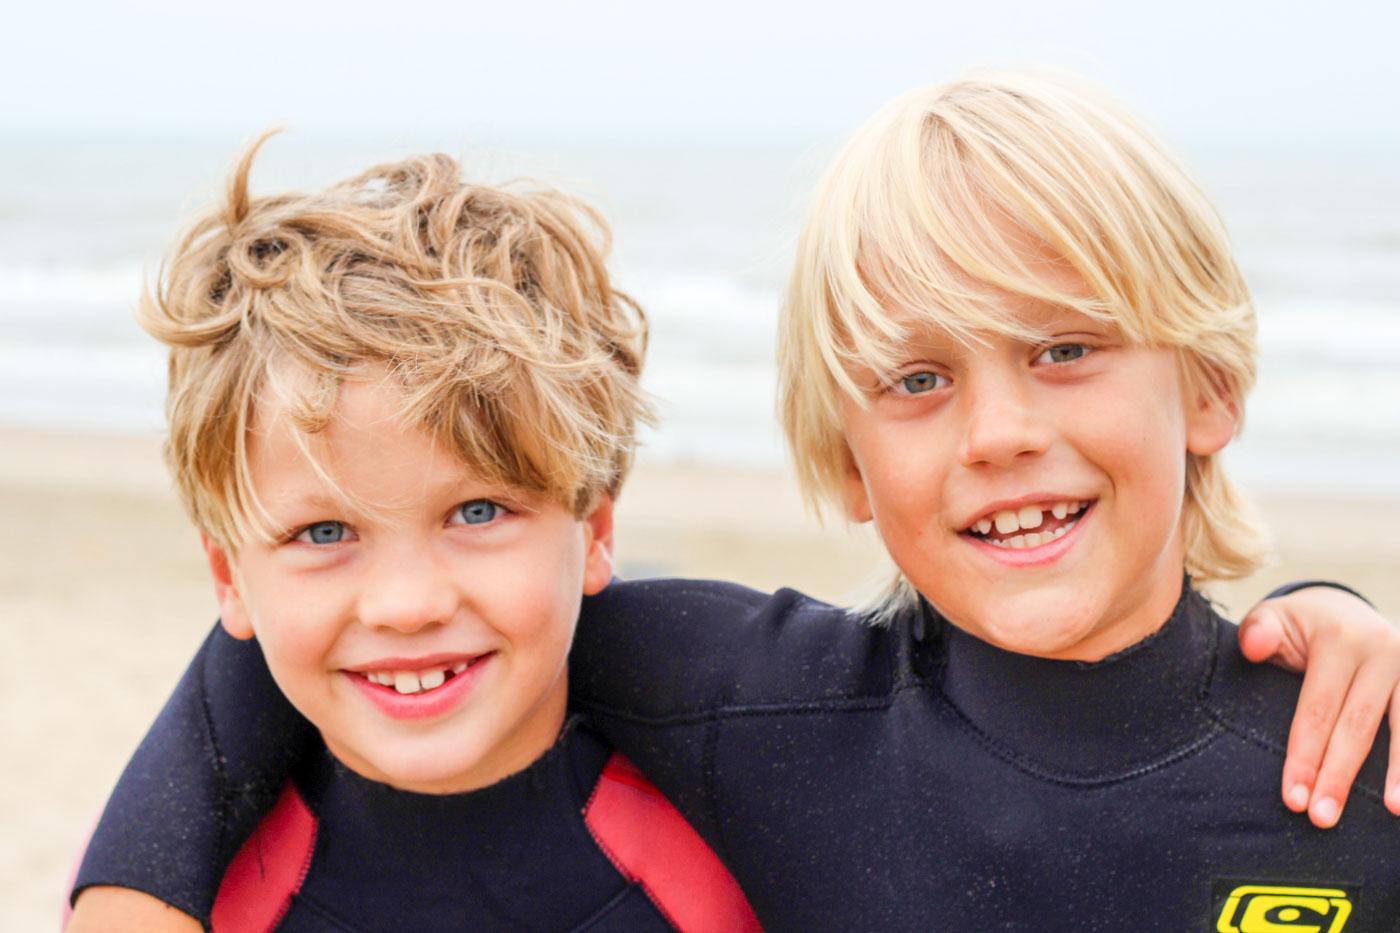 jongen surft mooie golf tijdens surfclub